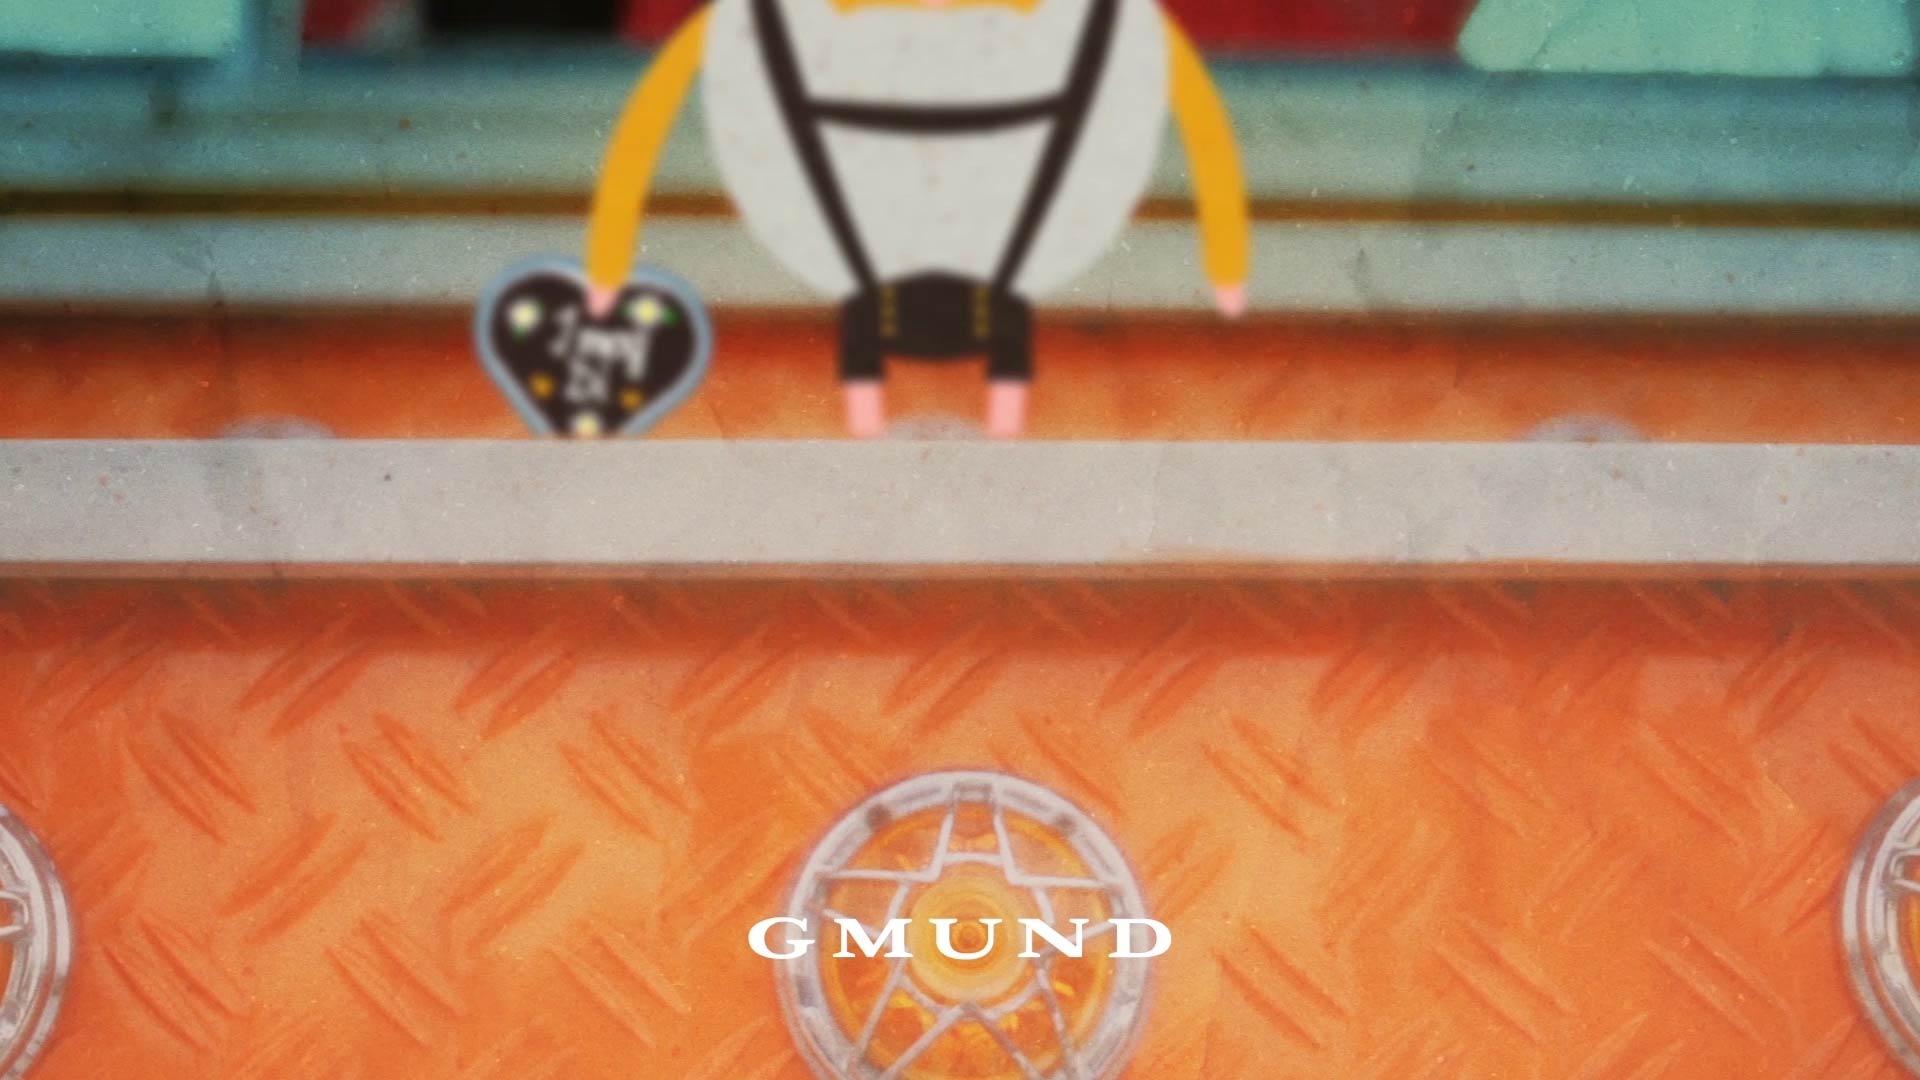 GMUND-Bier-Papier-4